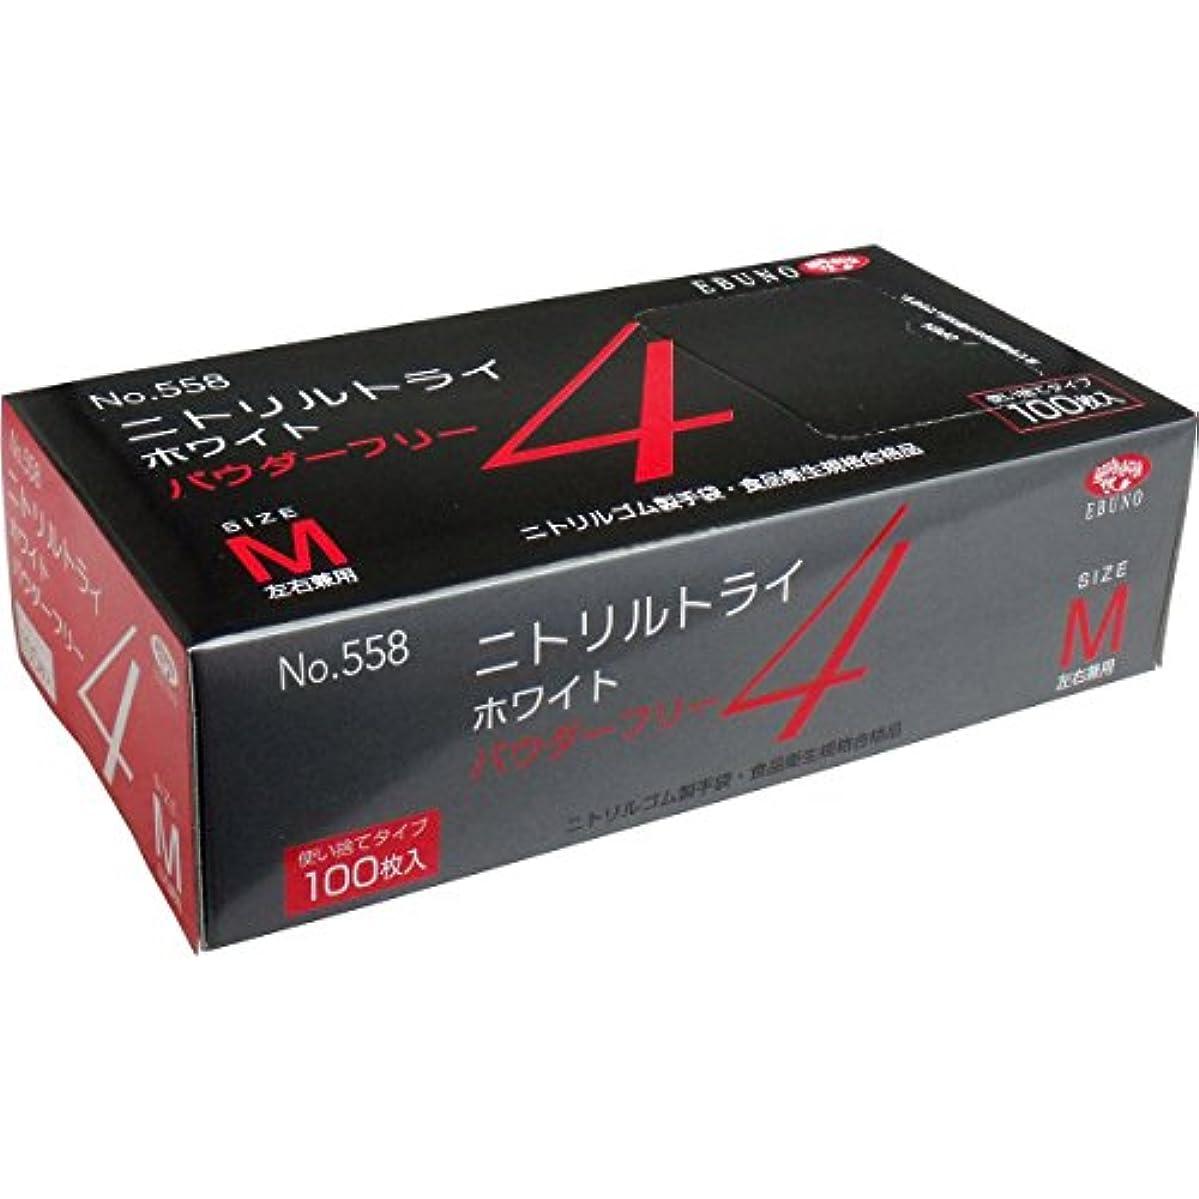 ダルセット証言割るニトリルトライ4 手袋 ホワイト パウダーフリー Mサイズ 100枚入×10個セット